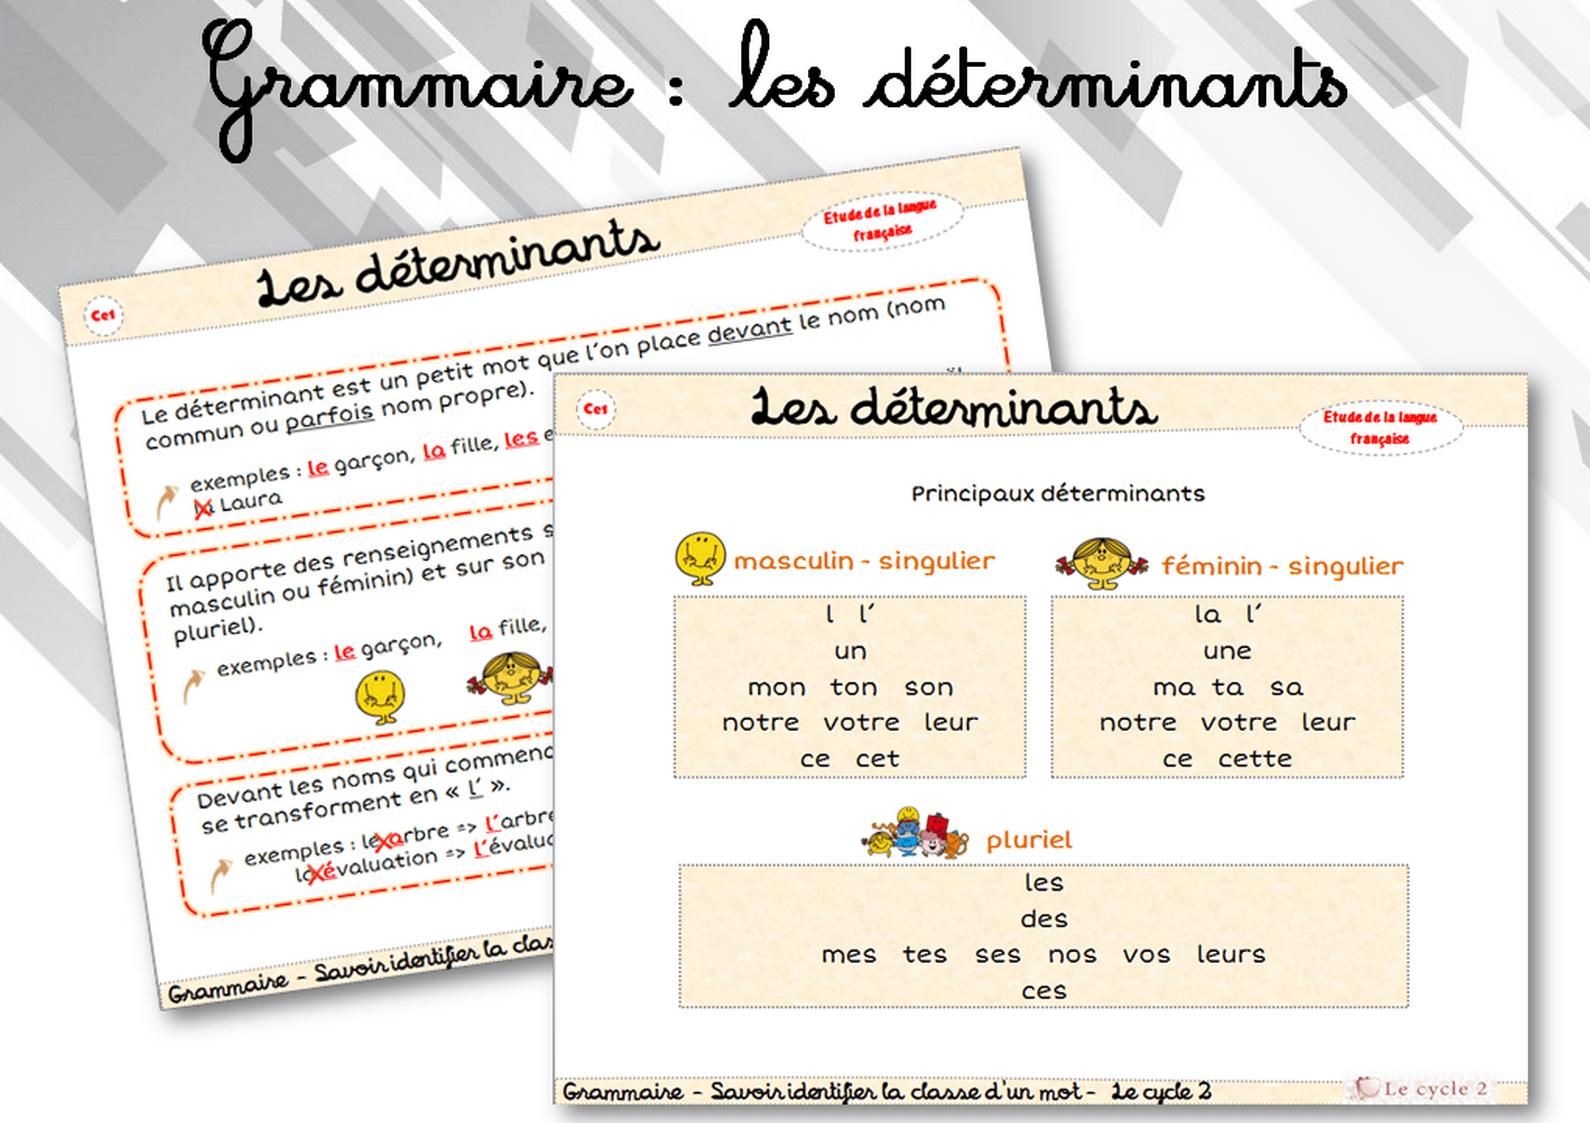 Le Determinant Liste Des Principaux Determinants Ce1 Ce2 Grammaire Trace Ecrite Lecon Cycle 2 Identifier La Classe D Un Mot Le Cycle 2 Apres L Ecole